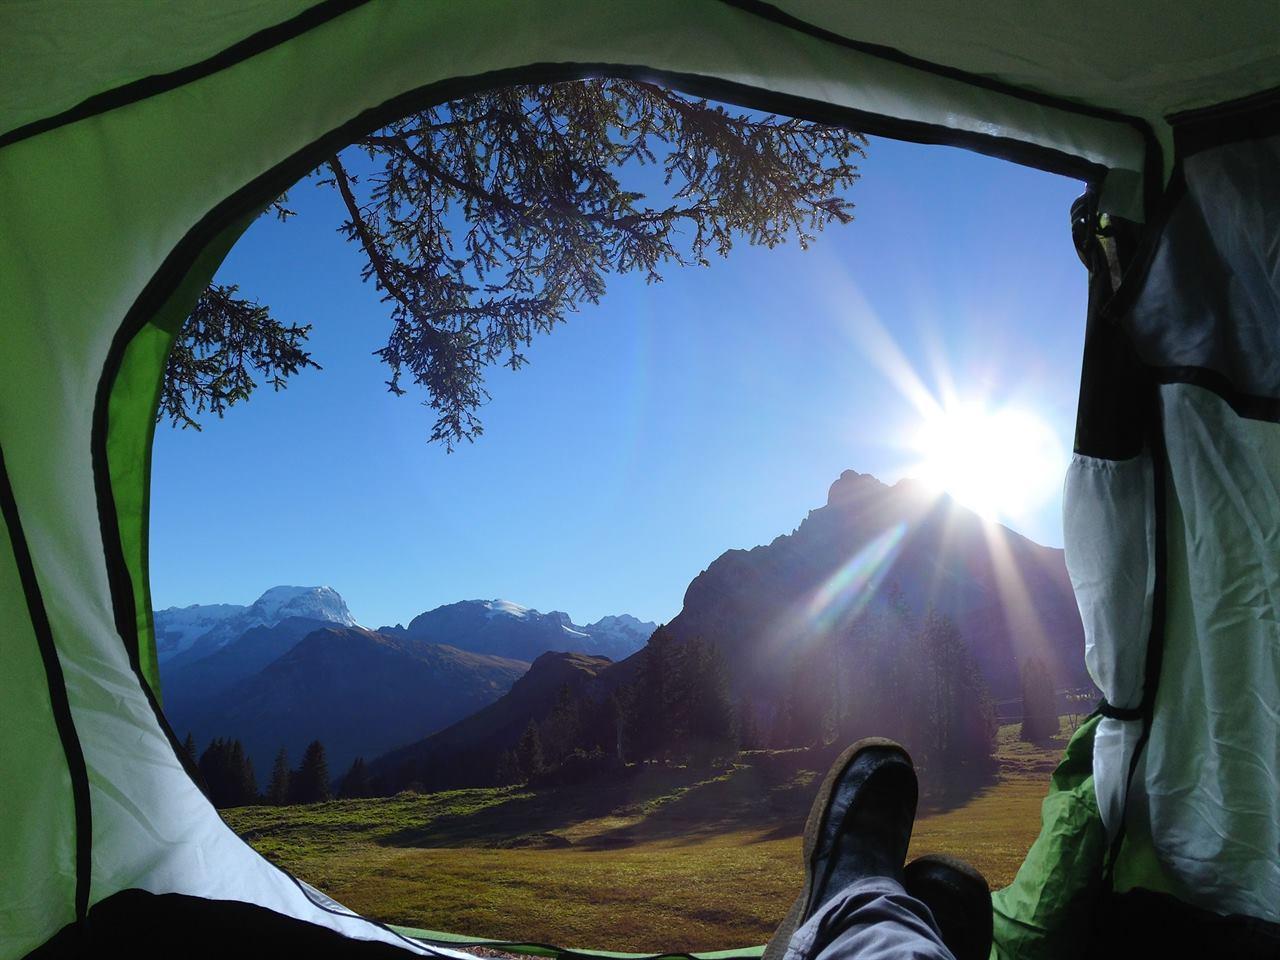 Проснуться утром в спальном мешке в палатке и насладиться моментом